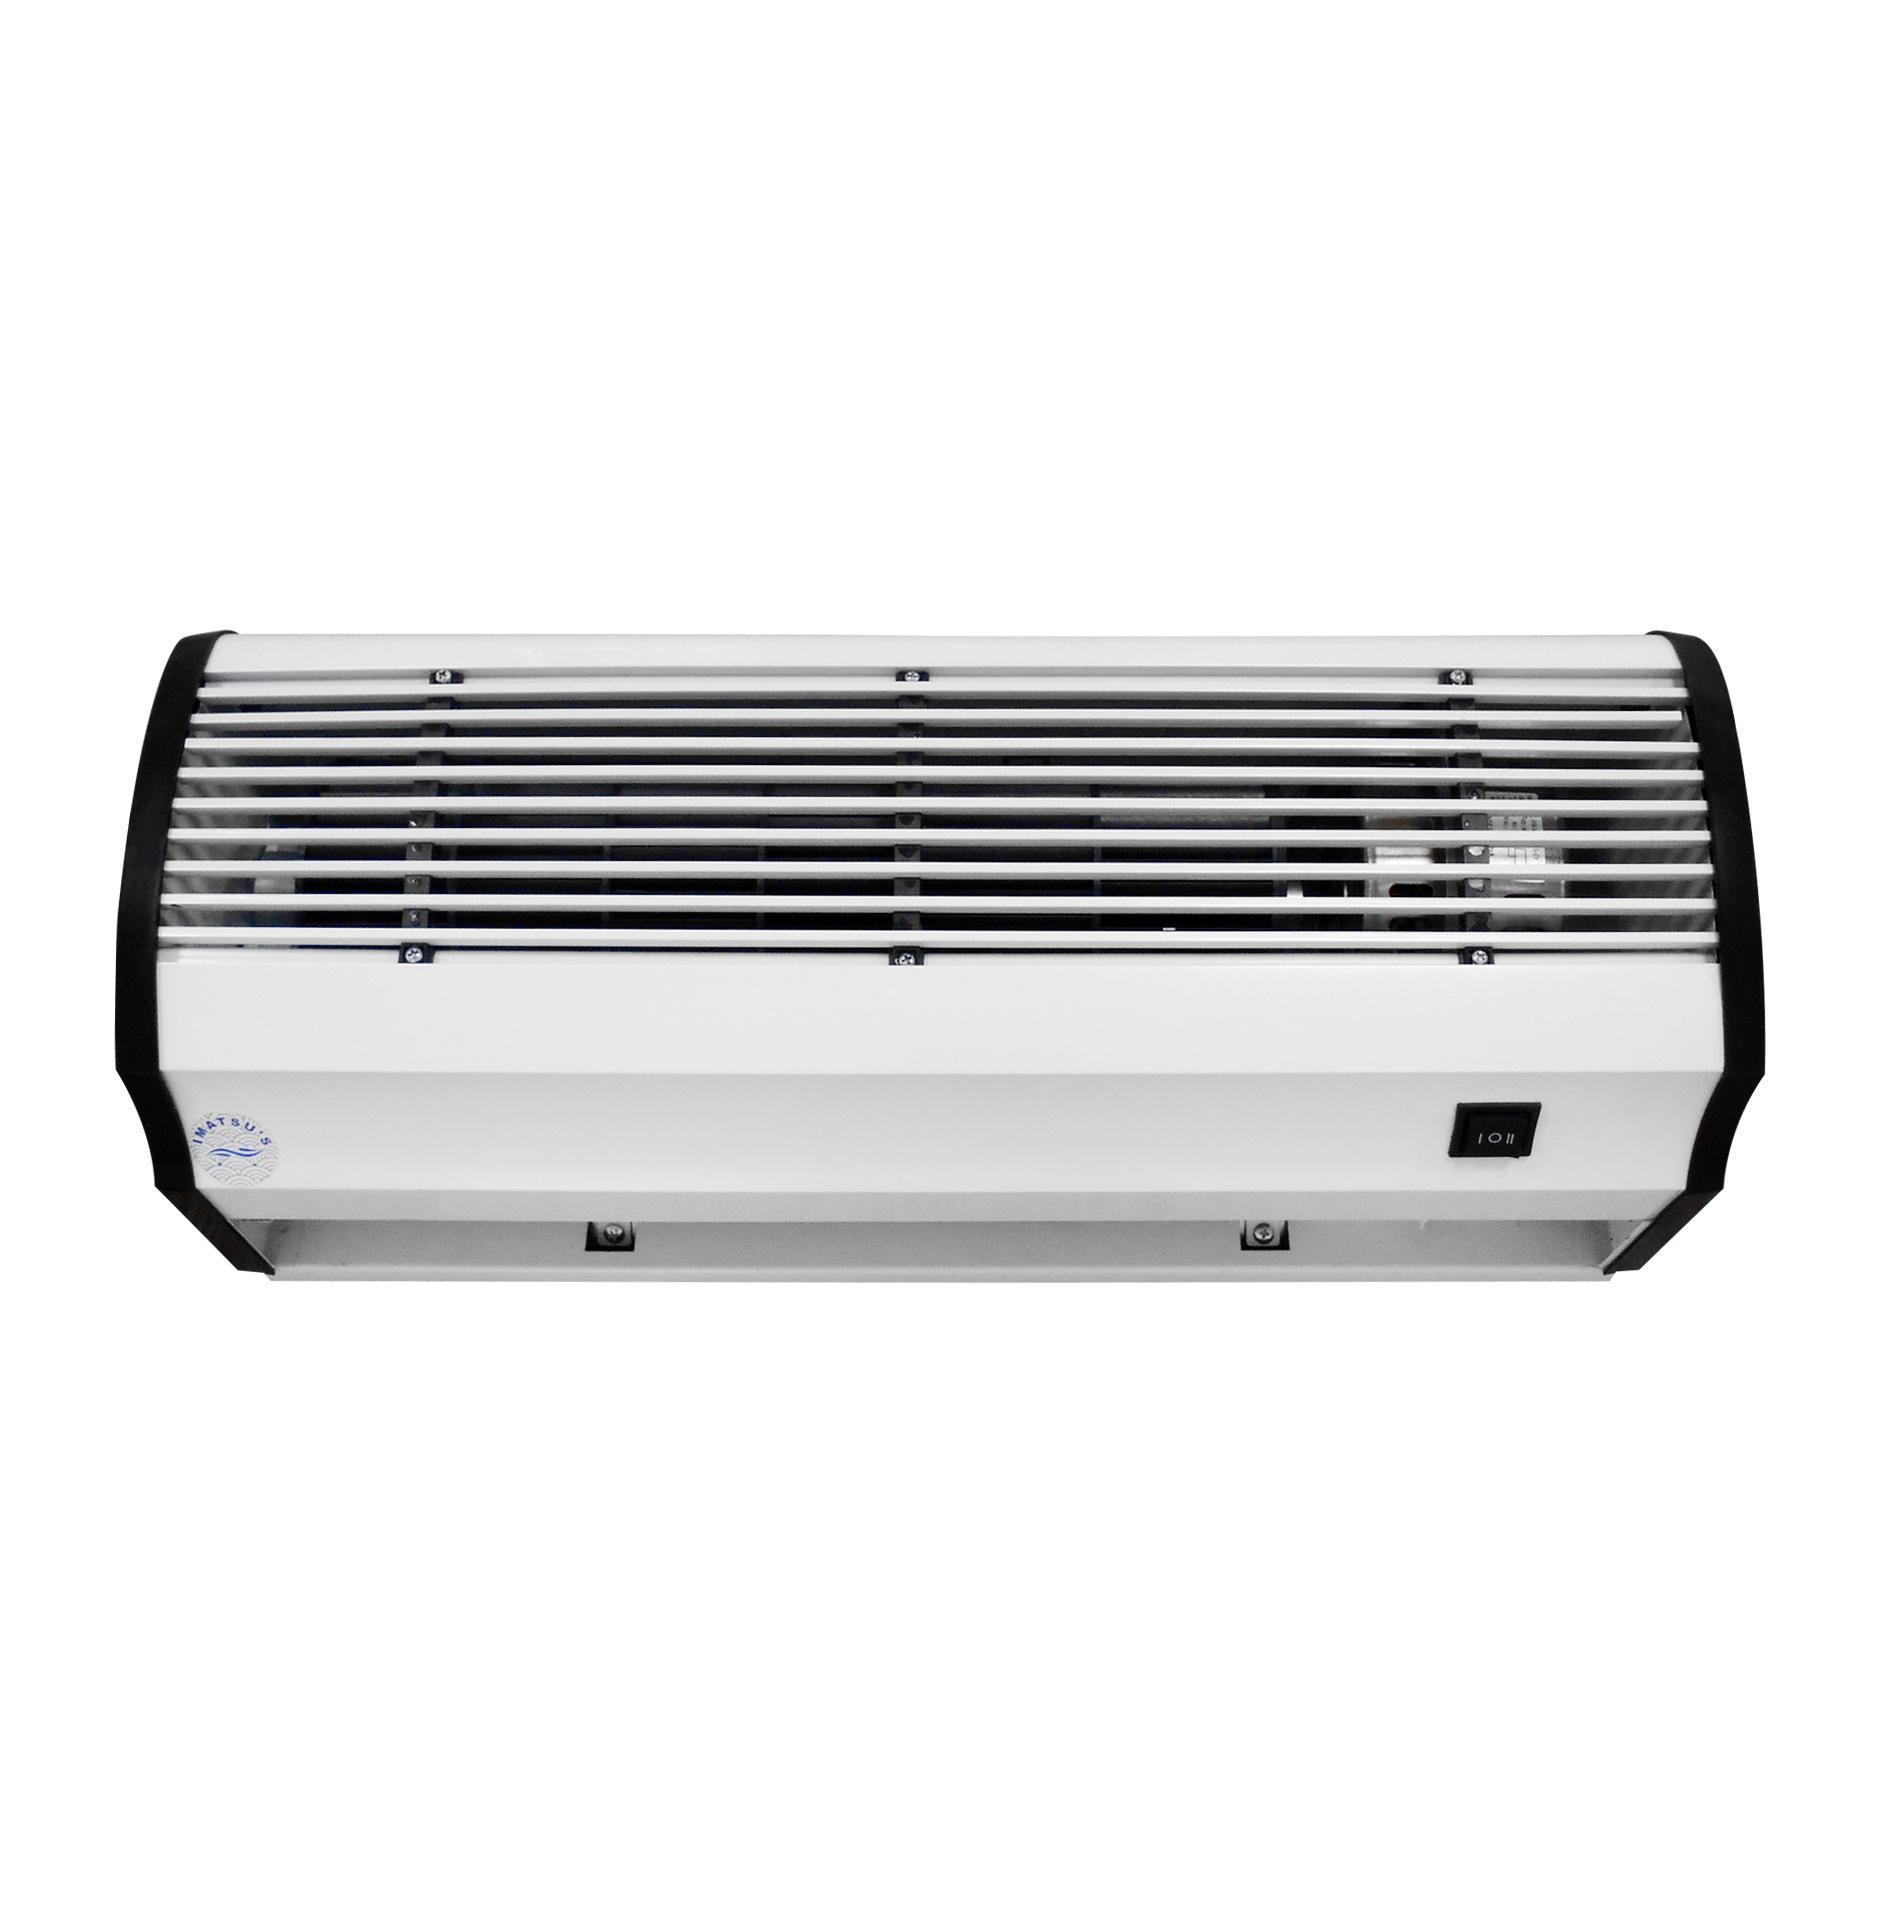 Air Curtain Blower Imatsu AC-FM-W1506G5-CY Angin Toko Gedung Kantor Hotel Pintu Masuk Nyaman Sejuk Segar Fresh Tirai Udara